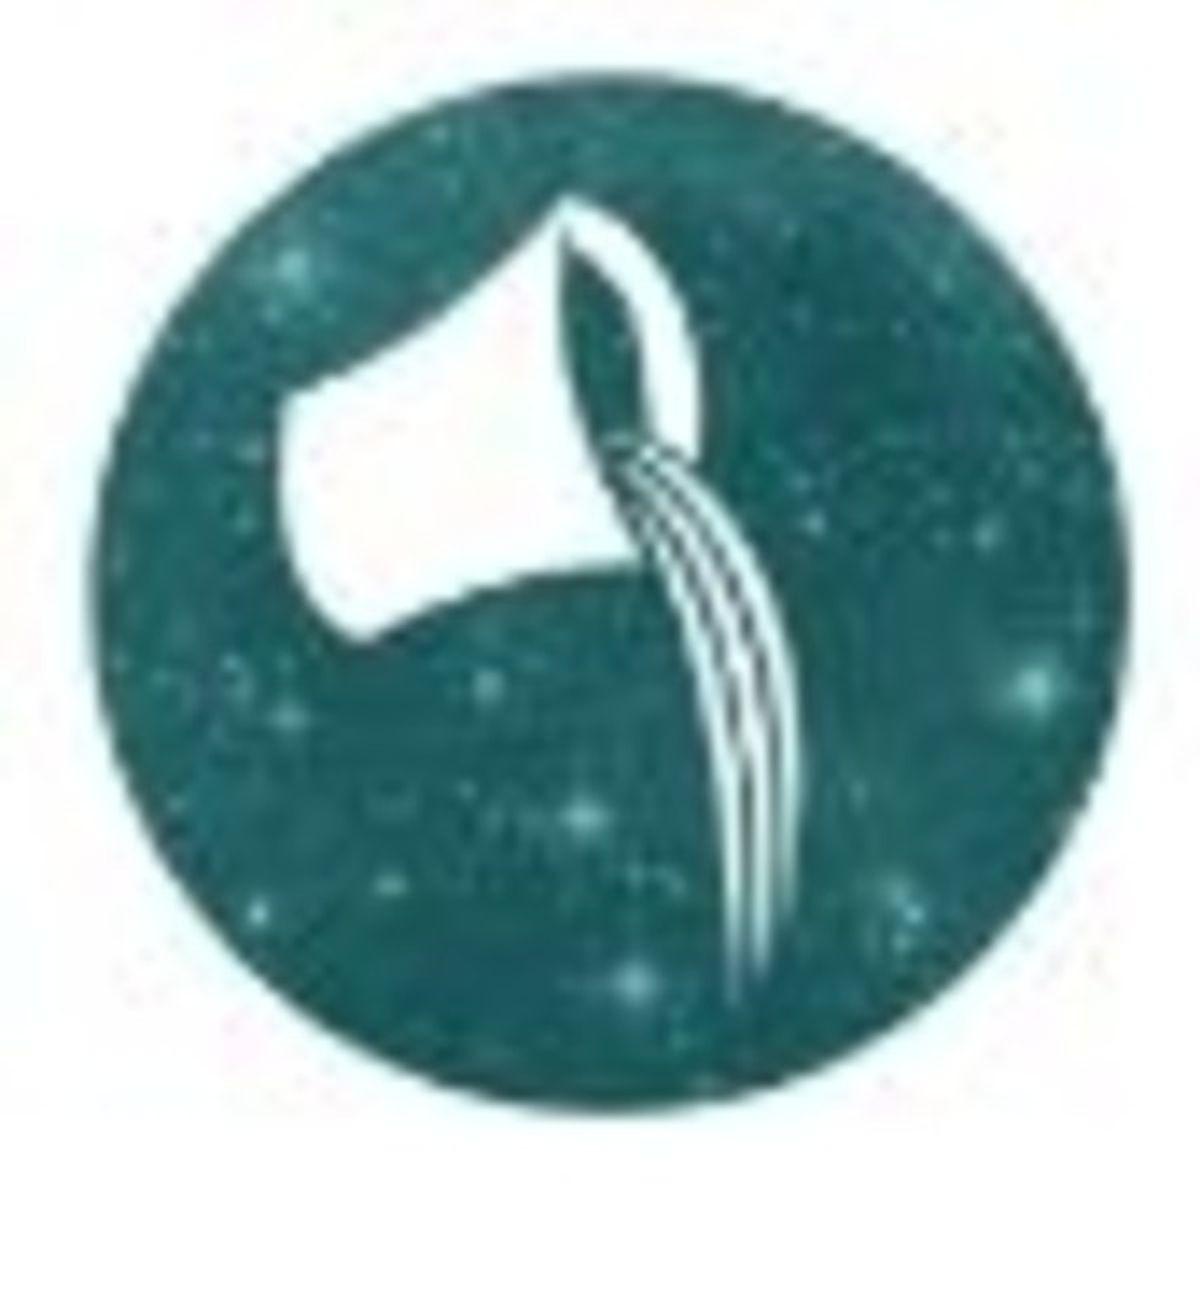 Aquarius: The Fixed Air Sign